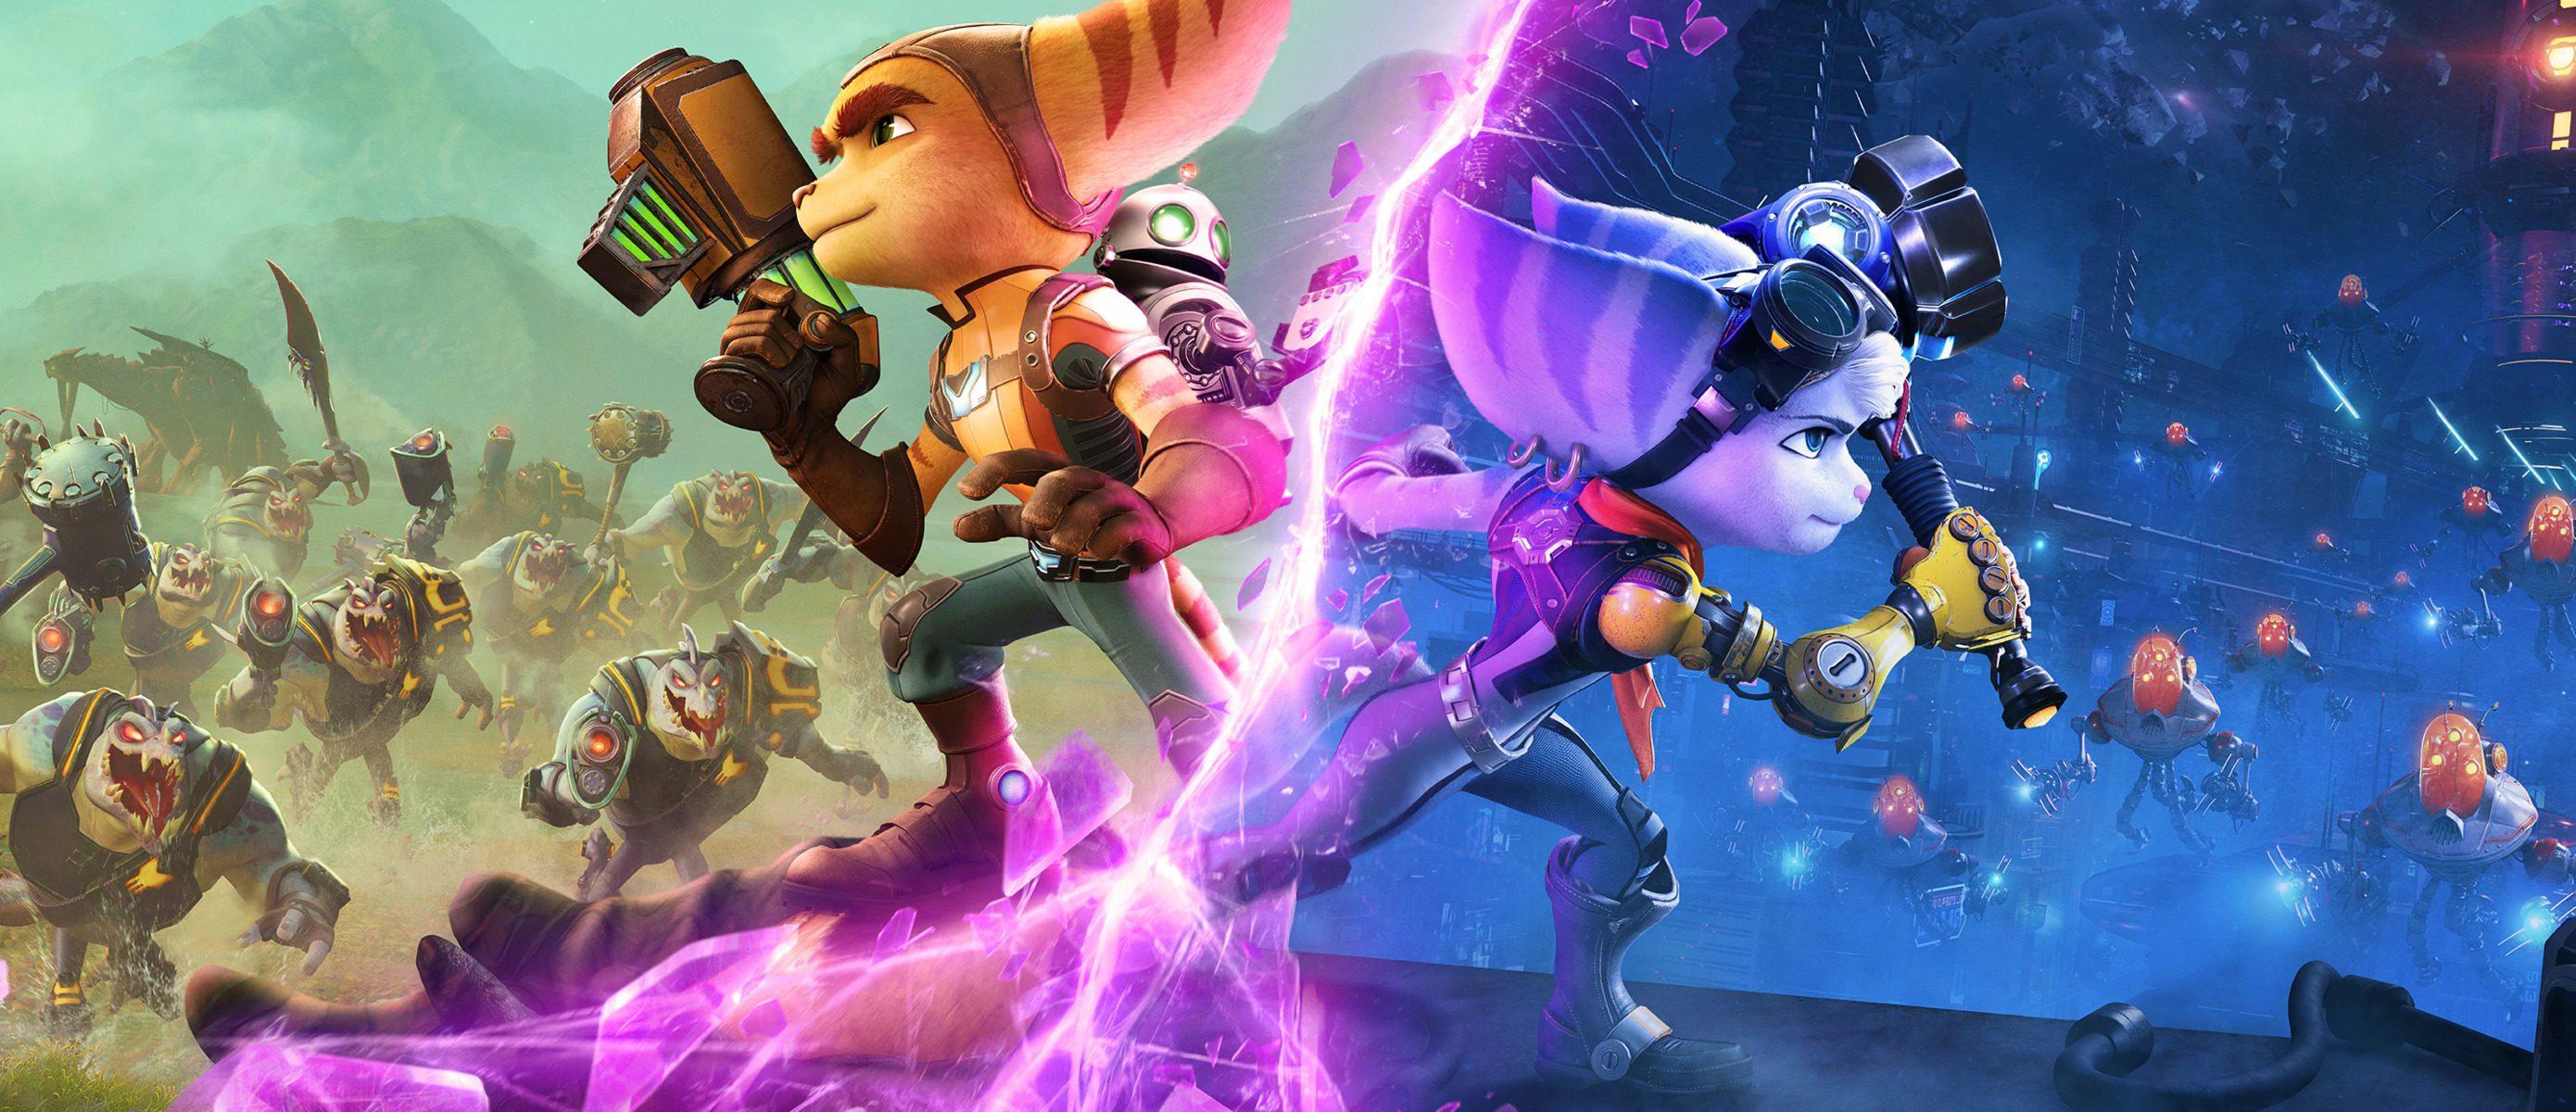 Разработчики из Insomniac считают Ratchet & Clank: Rift Apart «самой красивой видеоигрой на свете» 2